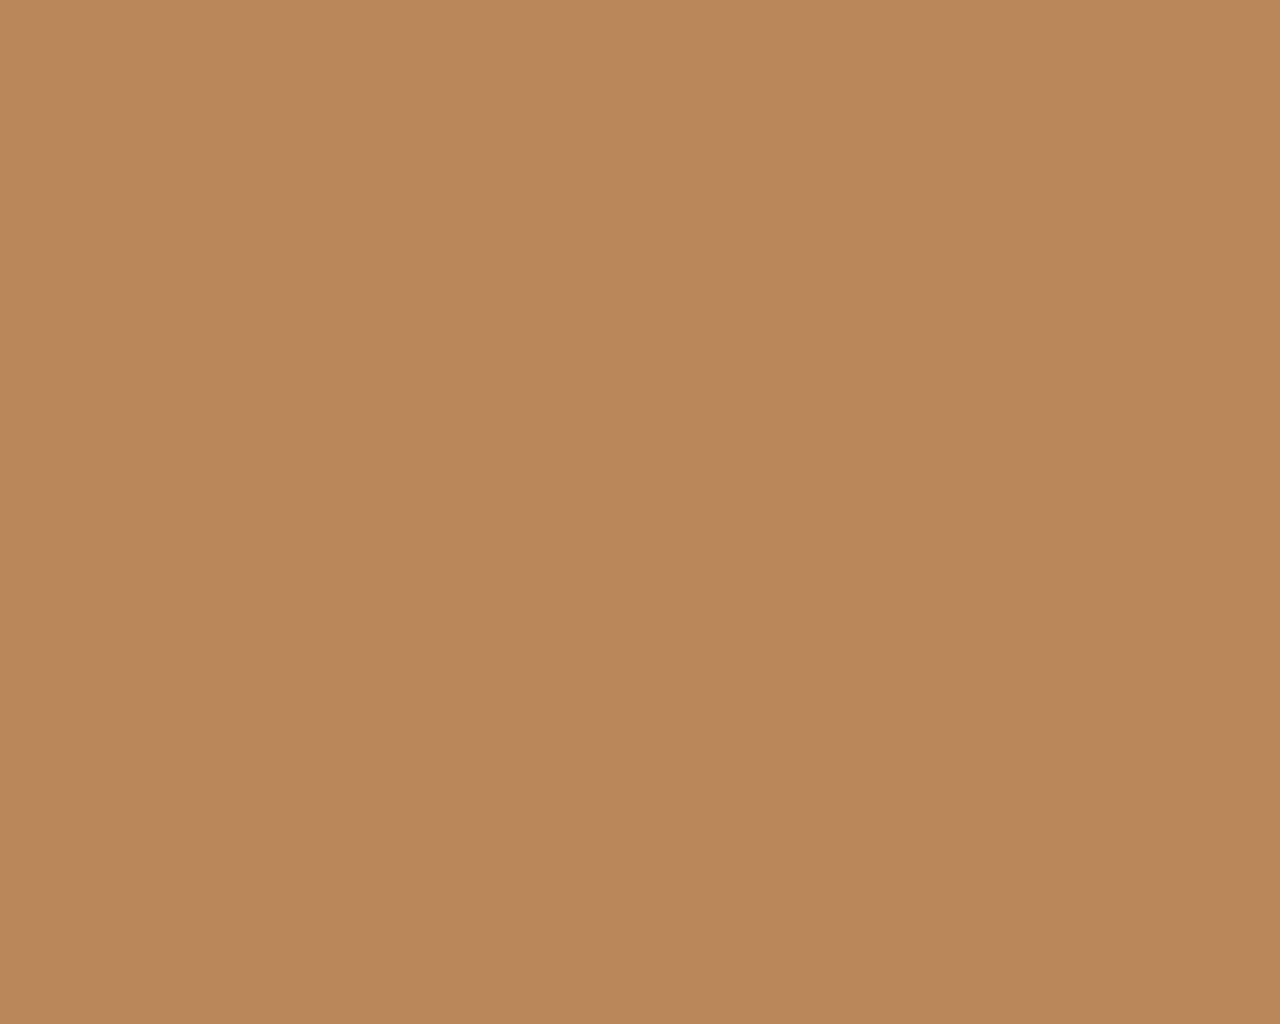 1280x1024 Deer Solid Color Background